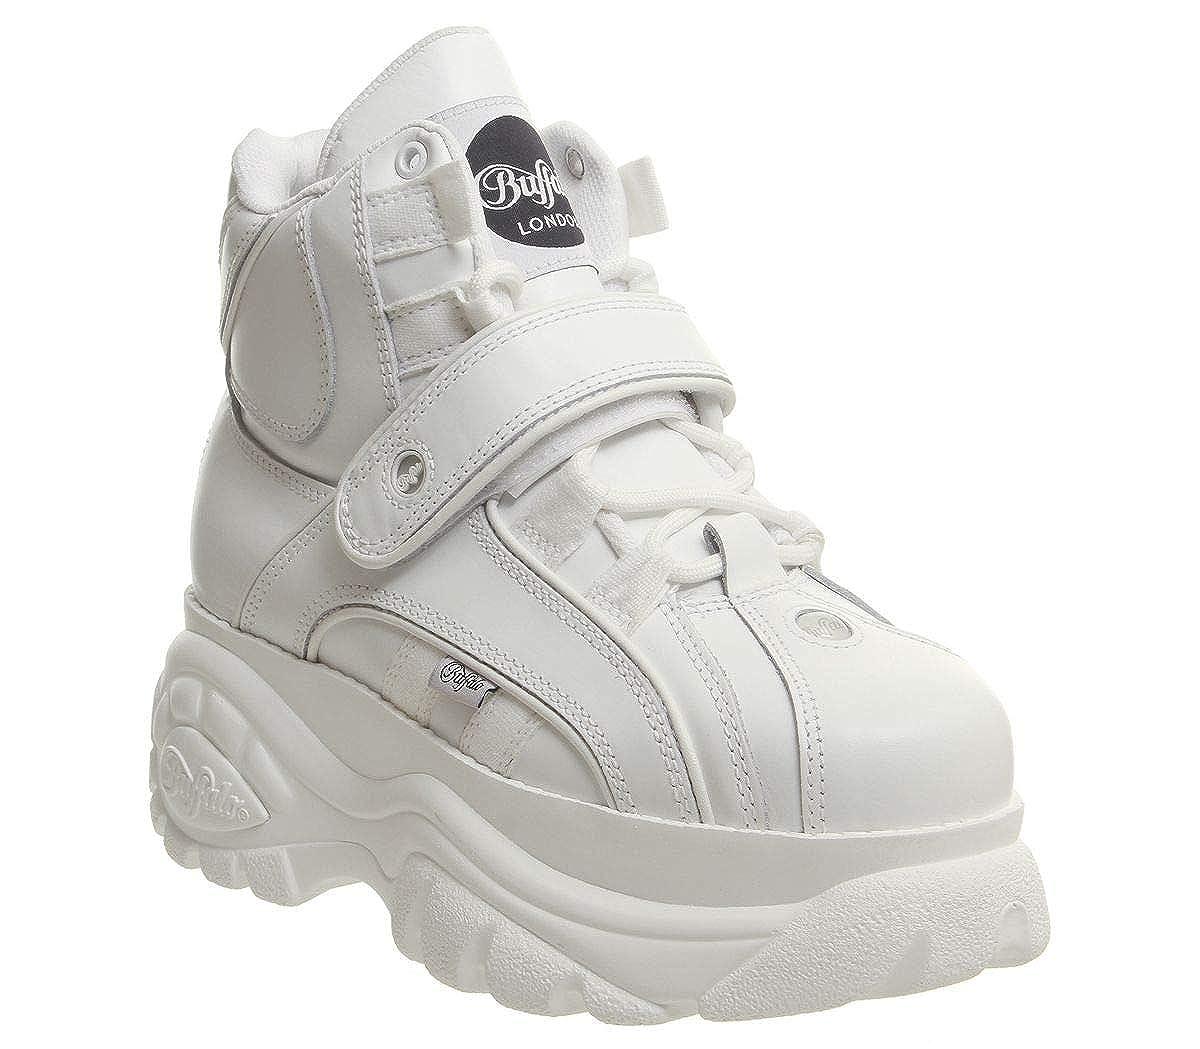 Sneaker Alta Buffalo 1348 in Pelle Bianca: MainApps: Amazon.es: Zapatos y complementos